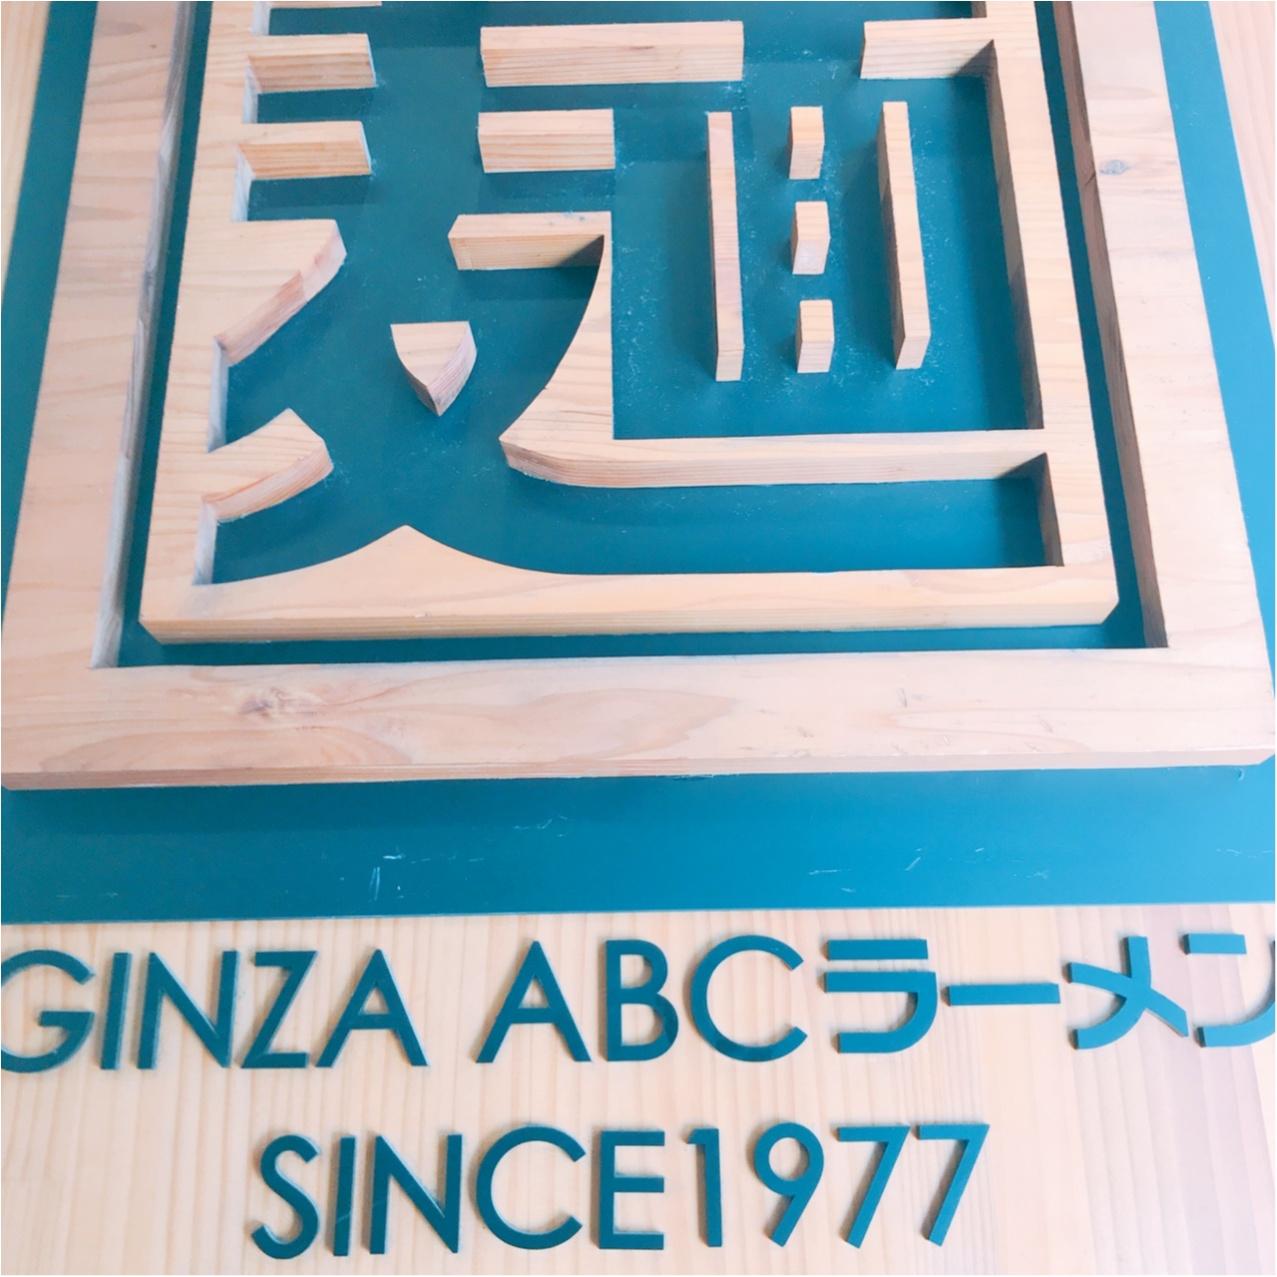 【銀座グルメ】愛されて40年♡《ABCラーメン》の絶品メニューはこれ!_1